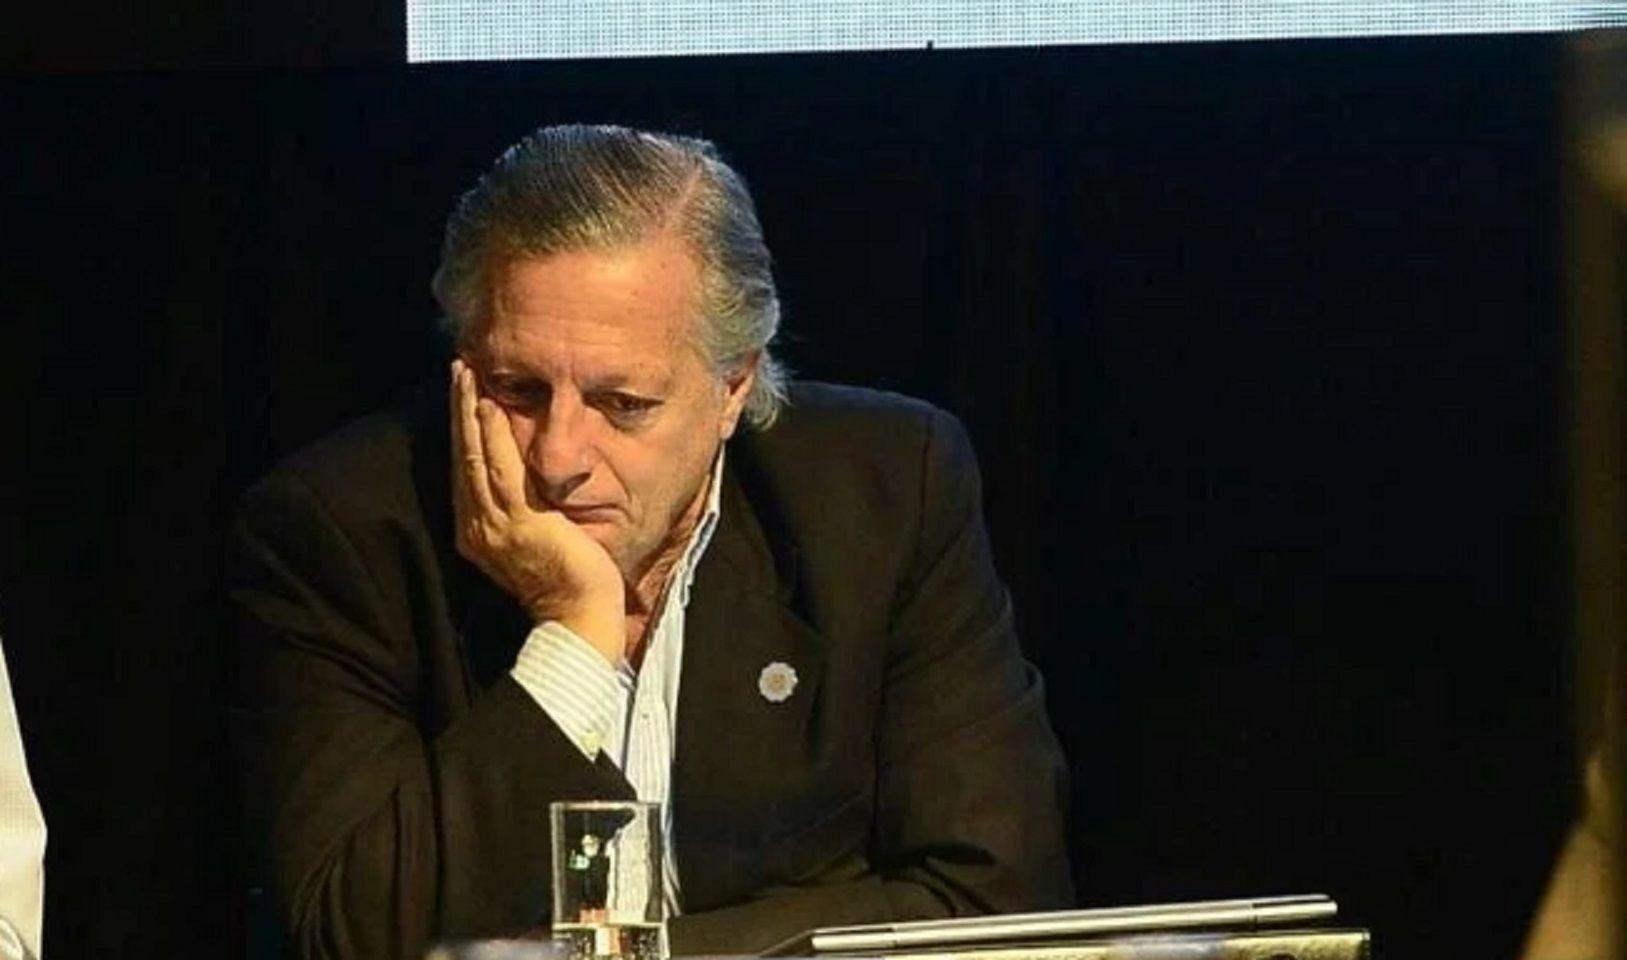 El ex ministro Aranguren fue a dar una charla y se le cortó la luz